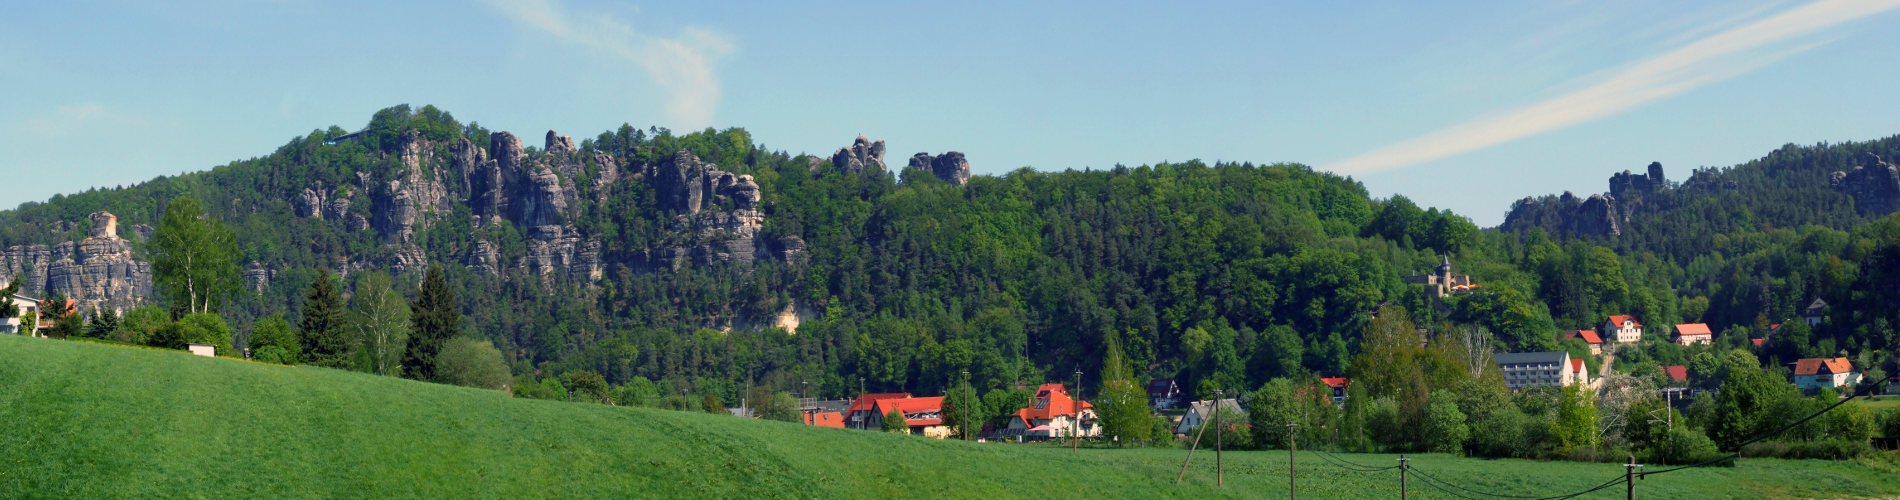 Rathen Ortseingang mit Blick auf die Bastei, die Lokomotive, den Talwaechter sowie Oberrathen und Unterrathen